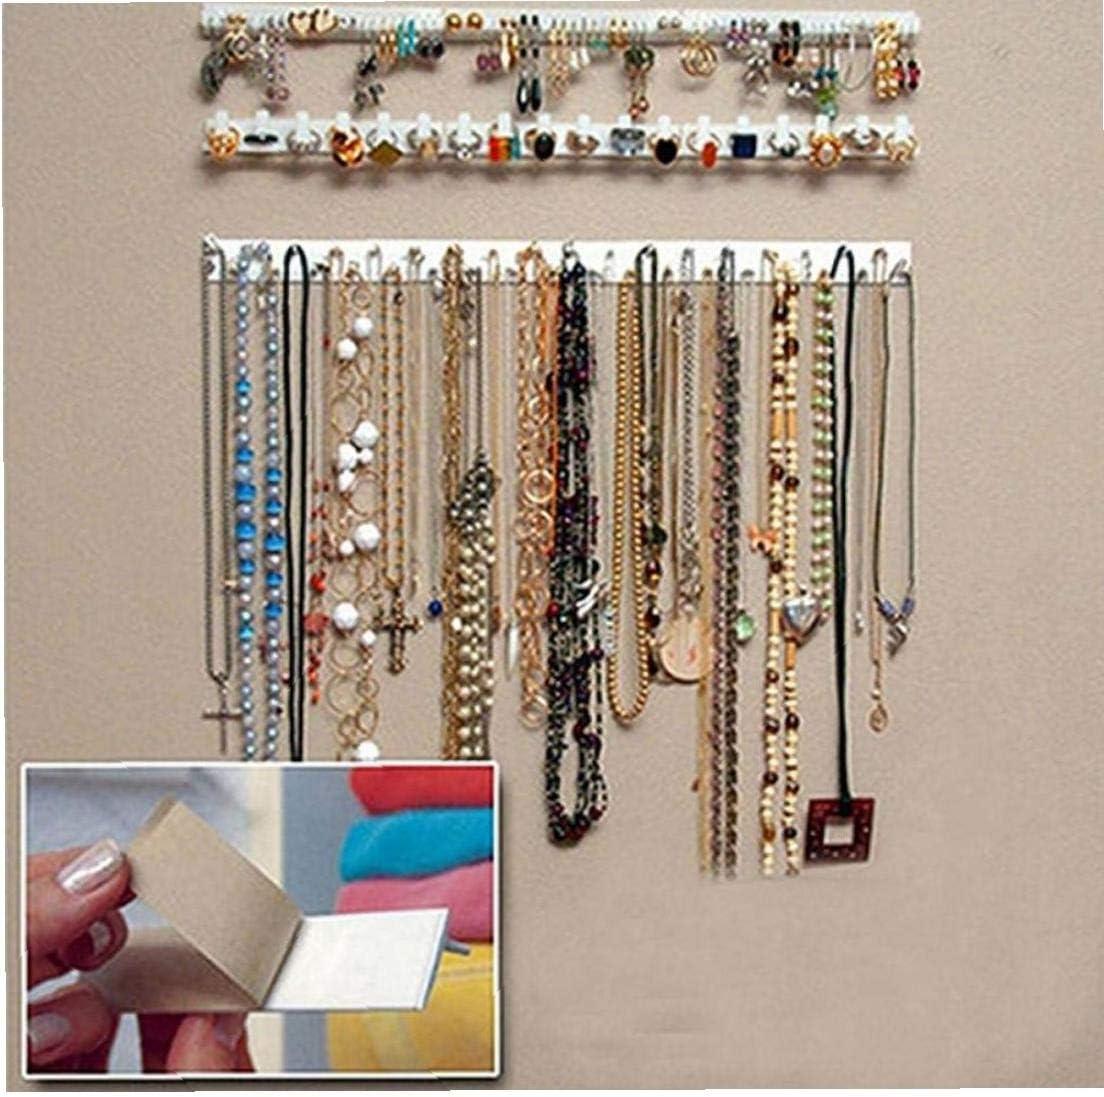 CULER Bijoux Hanging Bracket Collier Bracelet de Bijoux Support Mural pour Stockage Support daffichage Organisateur